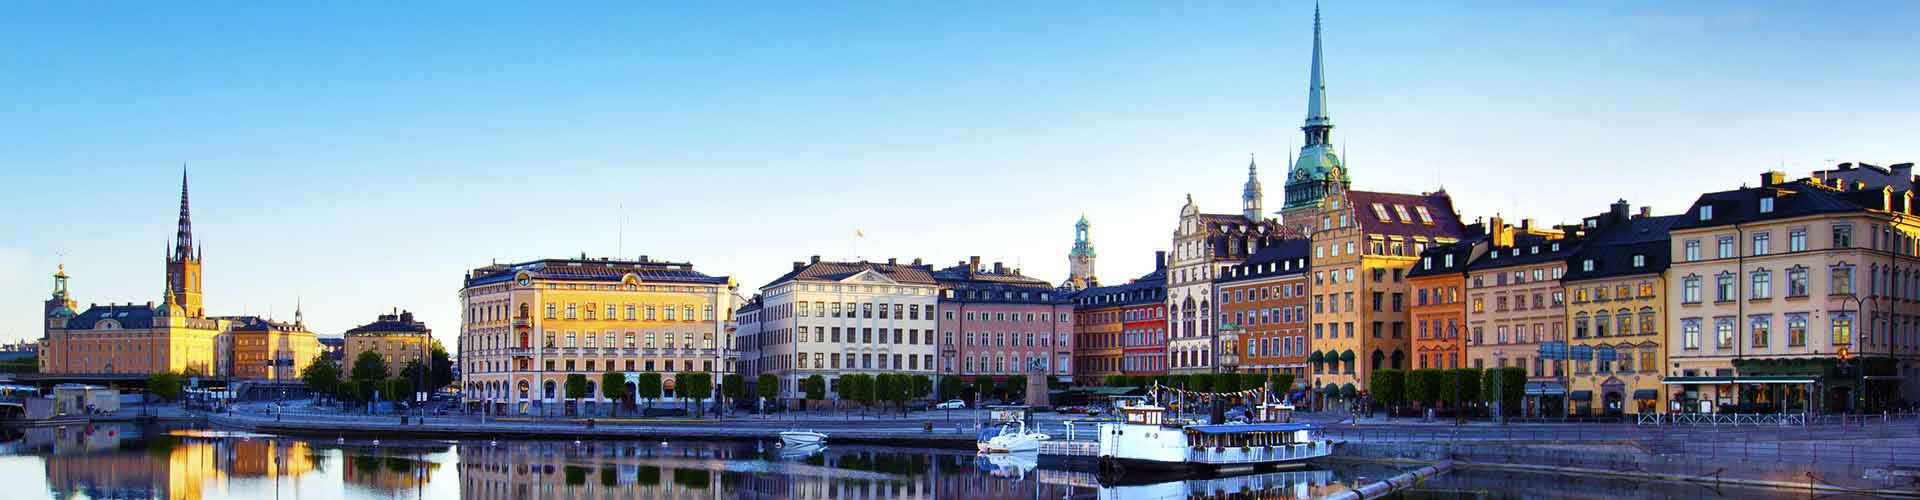 斯德哥尔摩 – 市中心 附近的青年旅舍。斯德哥尔摩地图,斯德哥尔摩 所有青年旅馆的照片和评分。